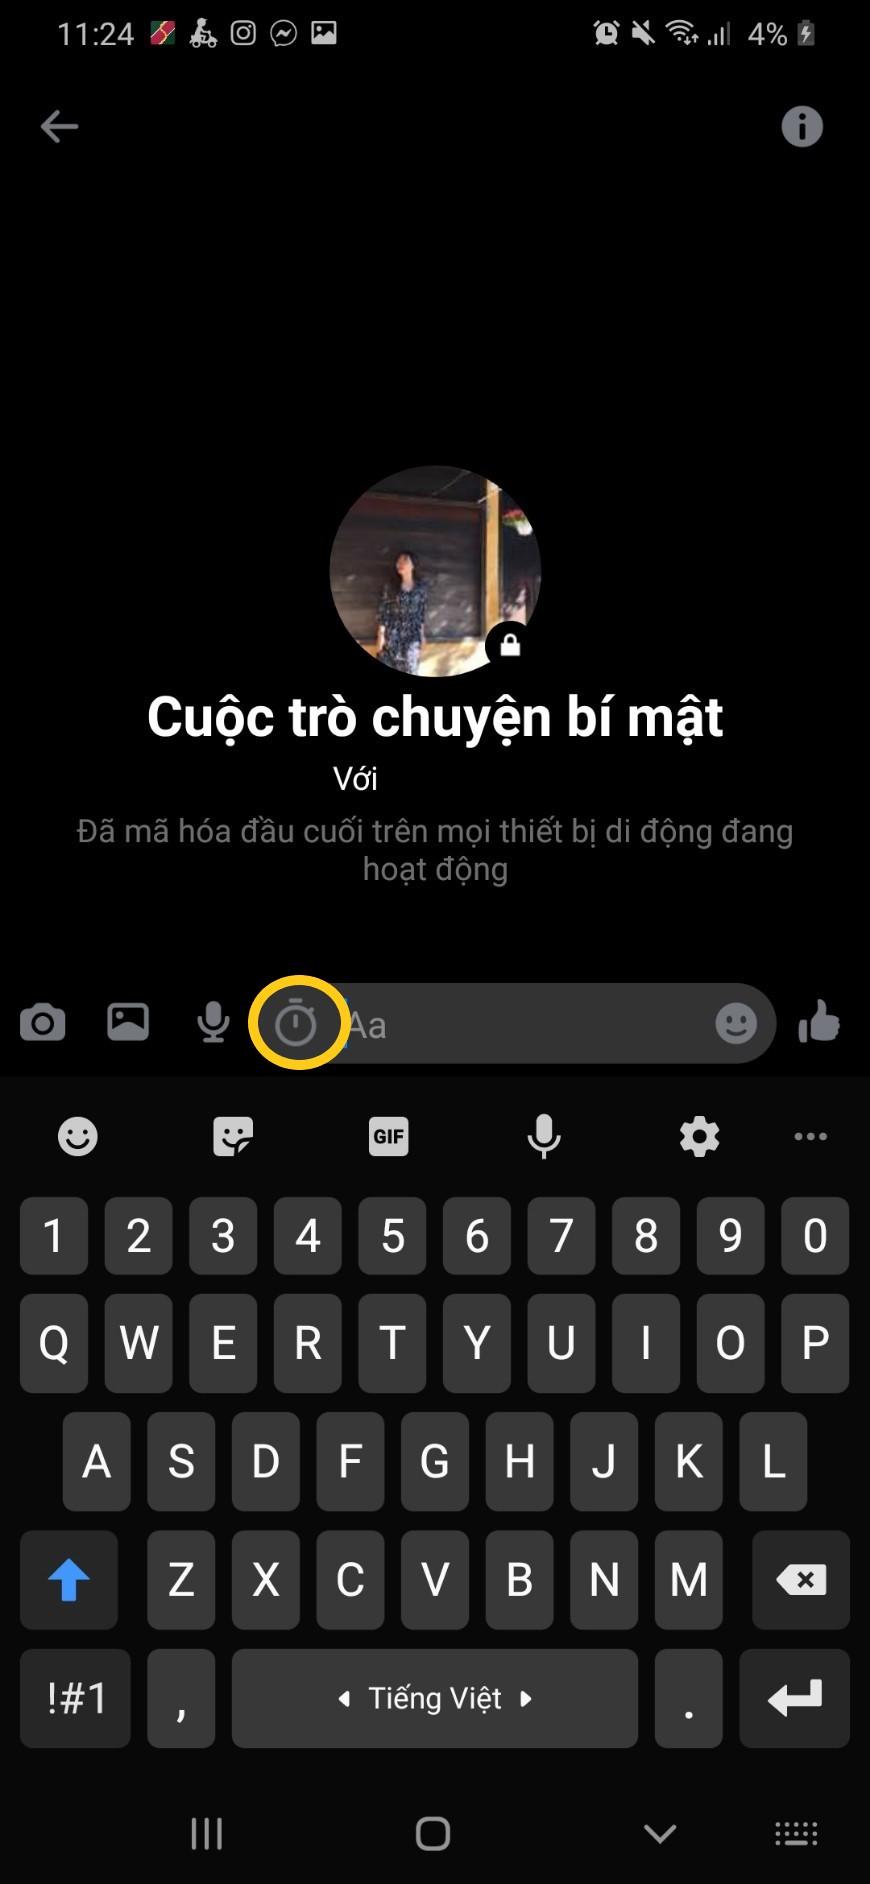 Cuộc trò chuyện bí mật trên Messenger là gì mà ai cũng dùng?